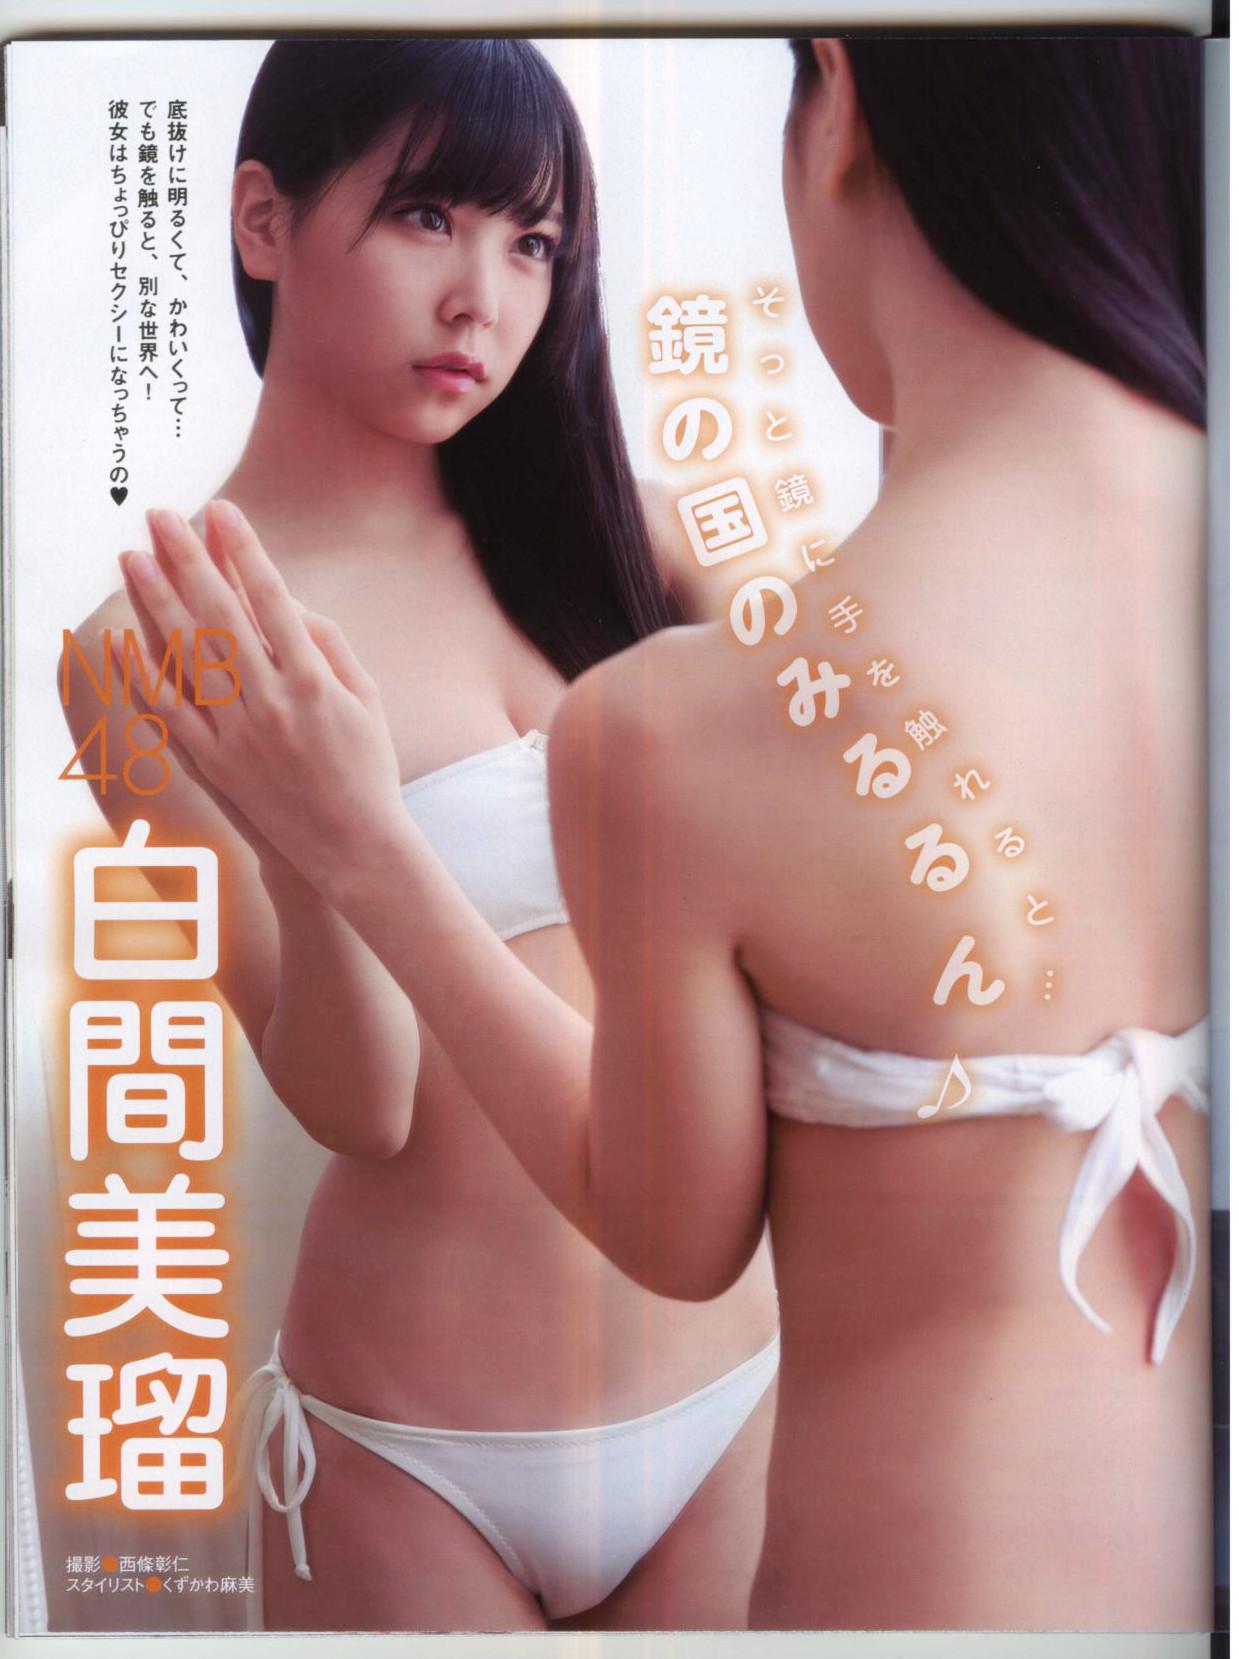 EX大衆2014年9月号 みるるん